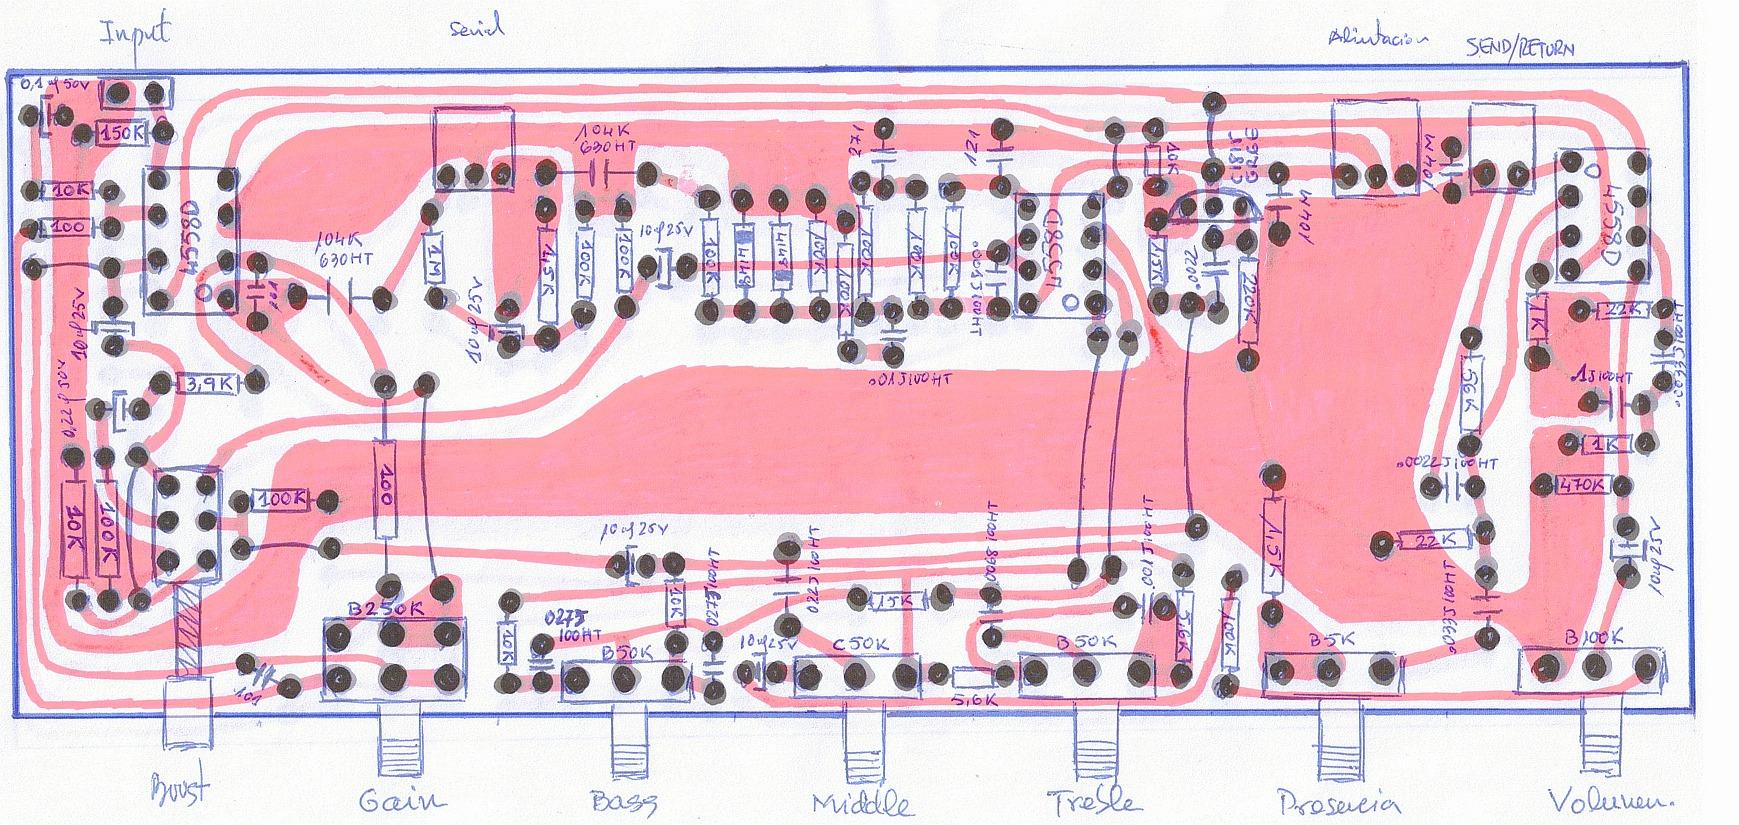 obrazek: Ibanez Valbee 5W schemat półmontażowy  - elektronika i schematy- - Wzmacniacze gitarowe Top brands - IBANEZ - IbaneźValbeęVBŚMixed sides